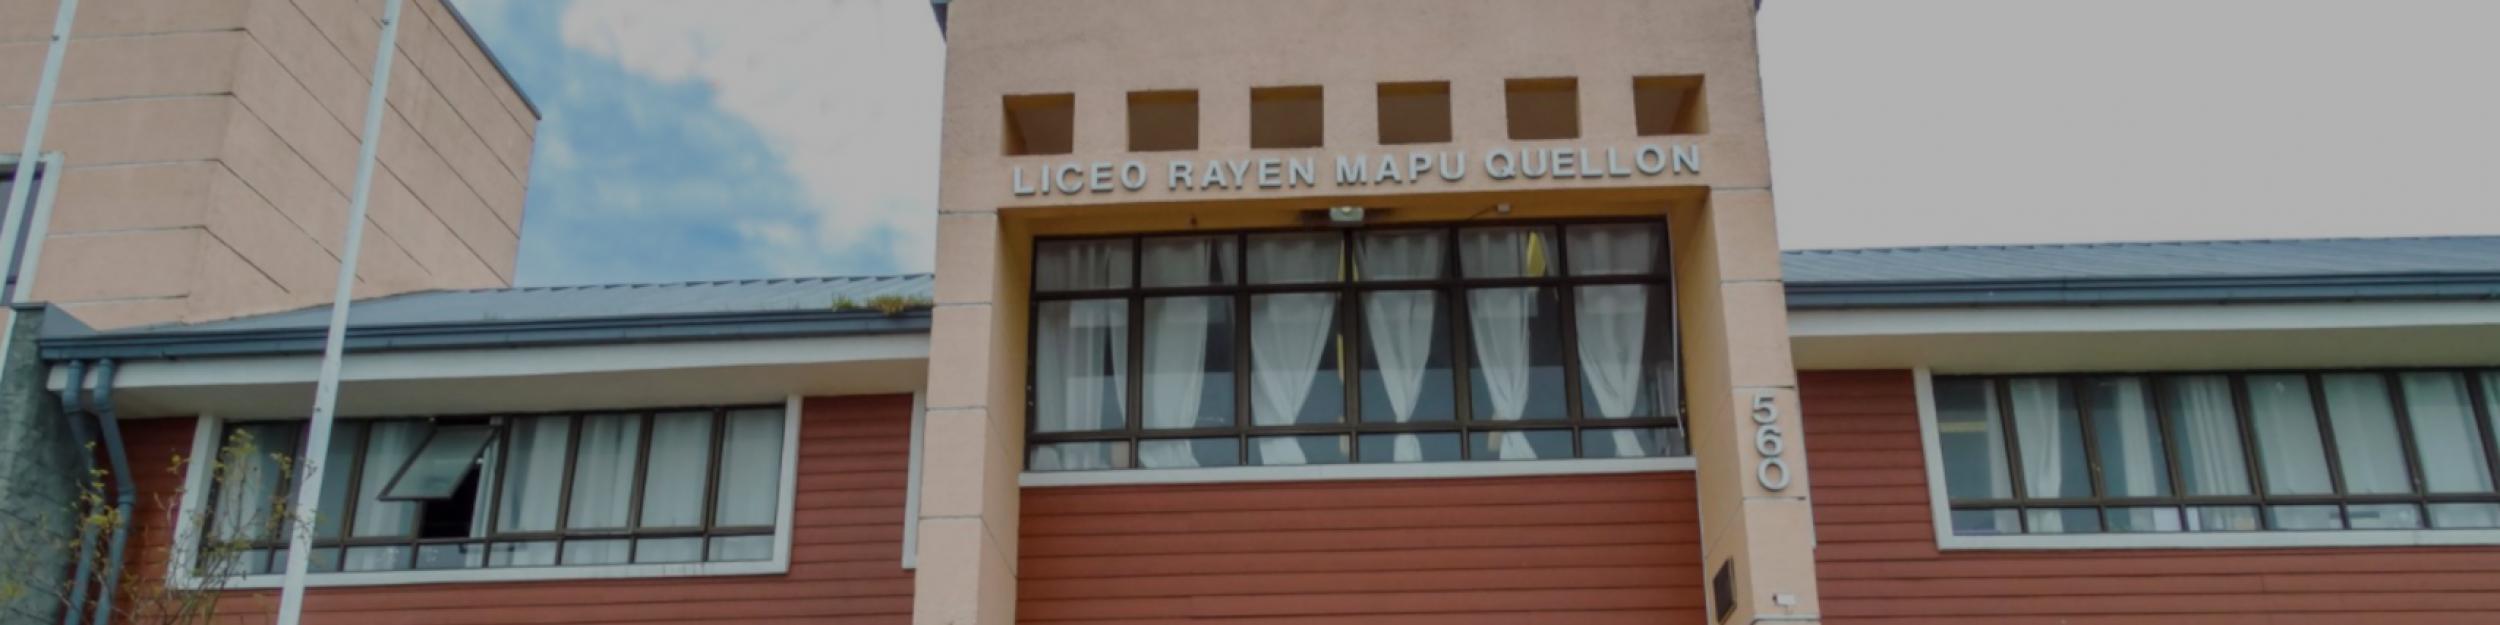 Liceo Rayen Mapu